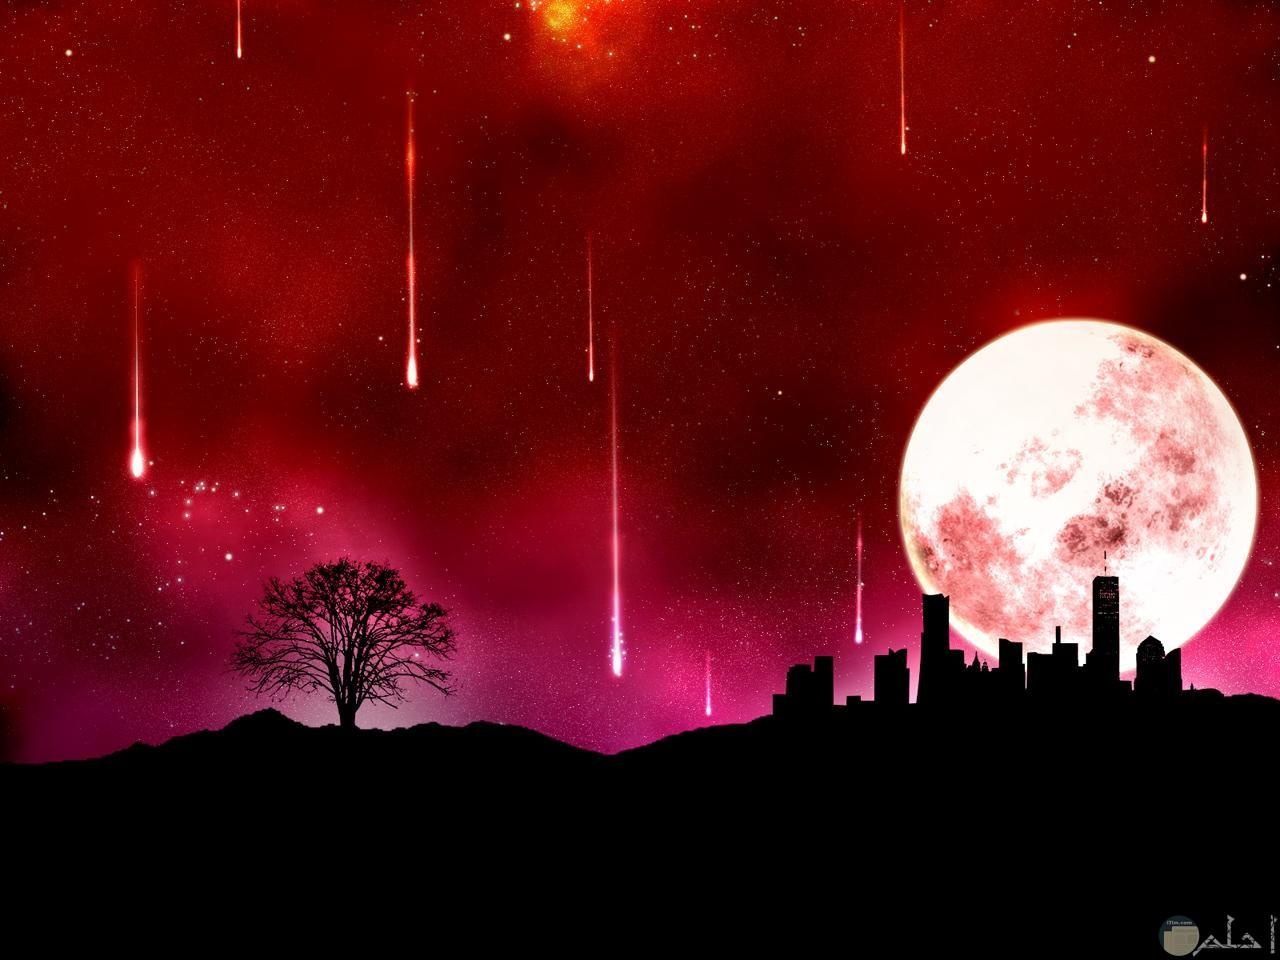 صورة ليلية للقمر و المنازل.